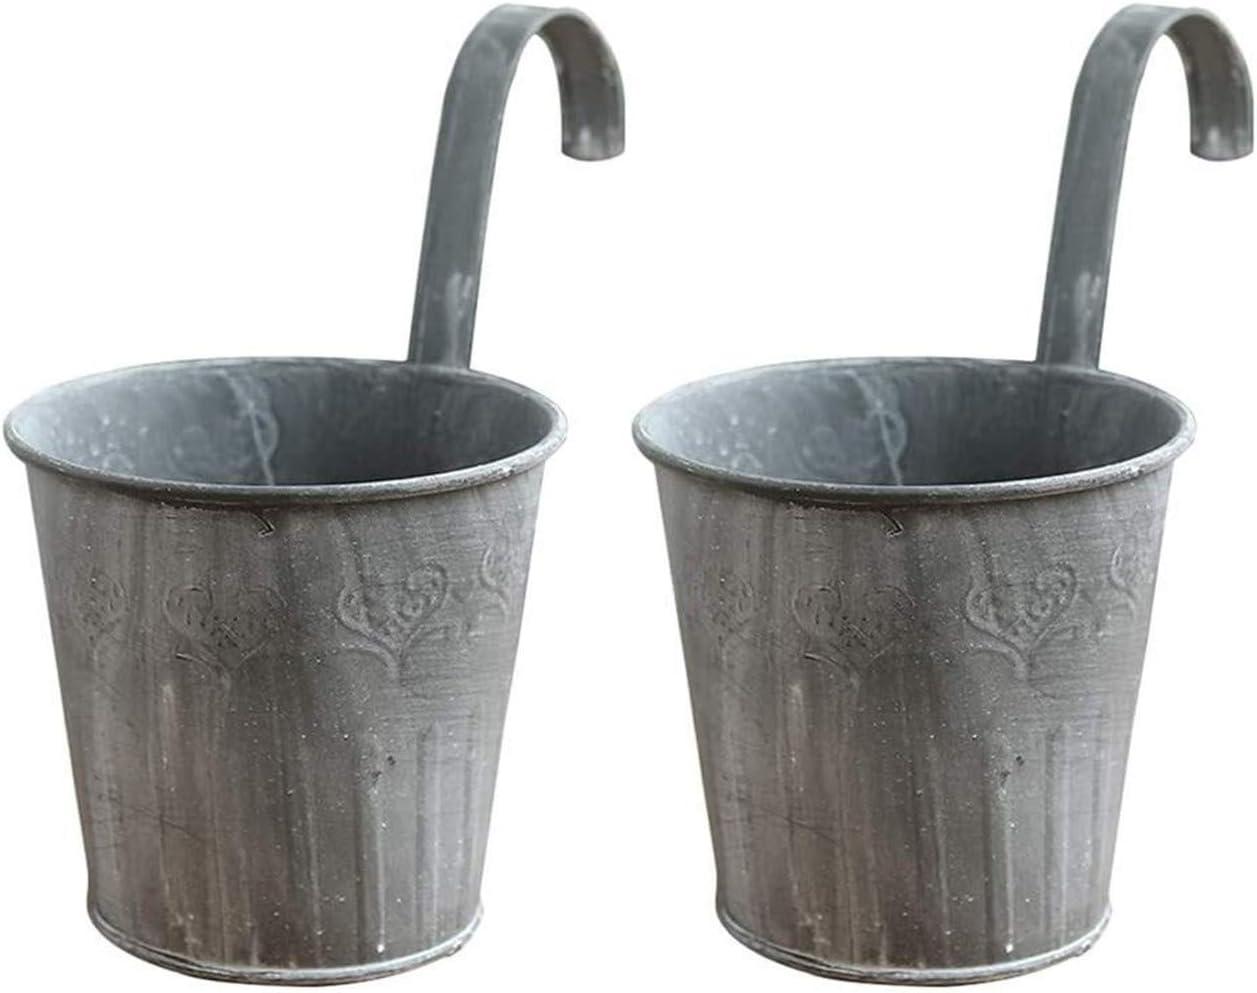 Flower Pot 2pcs Hierro Metal Profesiones artísticas crisol Colgante de la Vendimia Hierro Estaño Cubo Tiesto Innovador plantador de la Flor Cultivar un huerto casero de la decoración (Color : A)